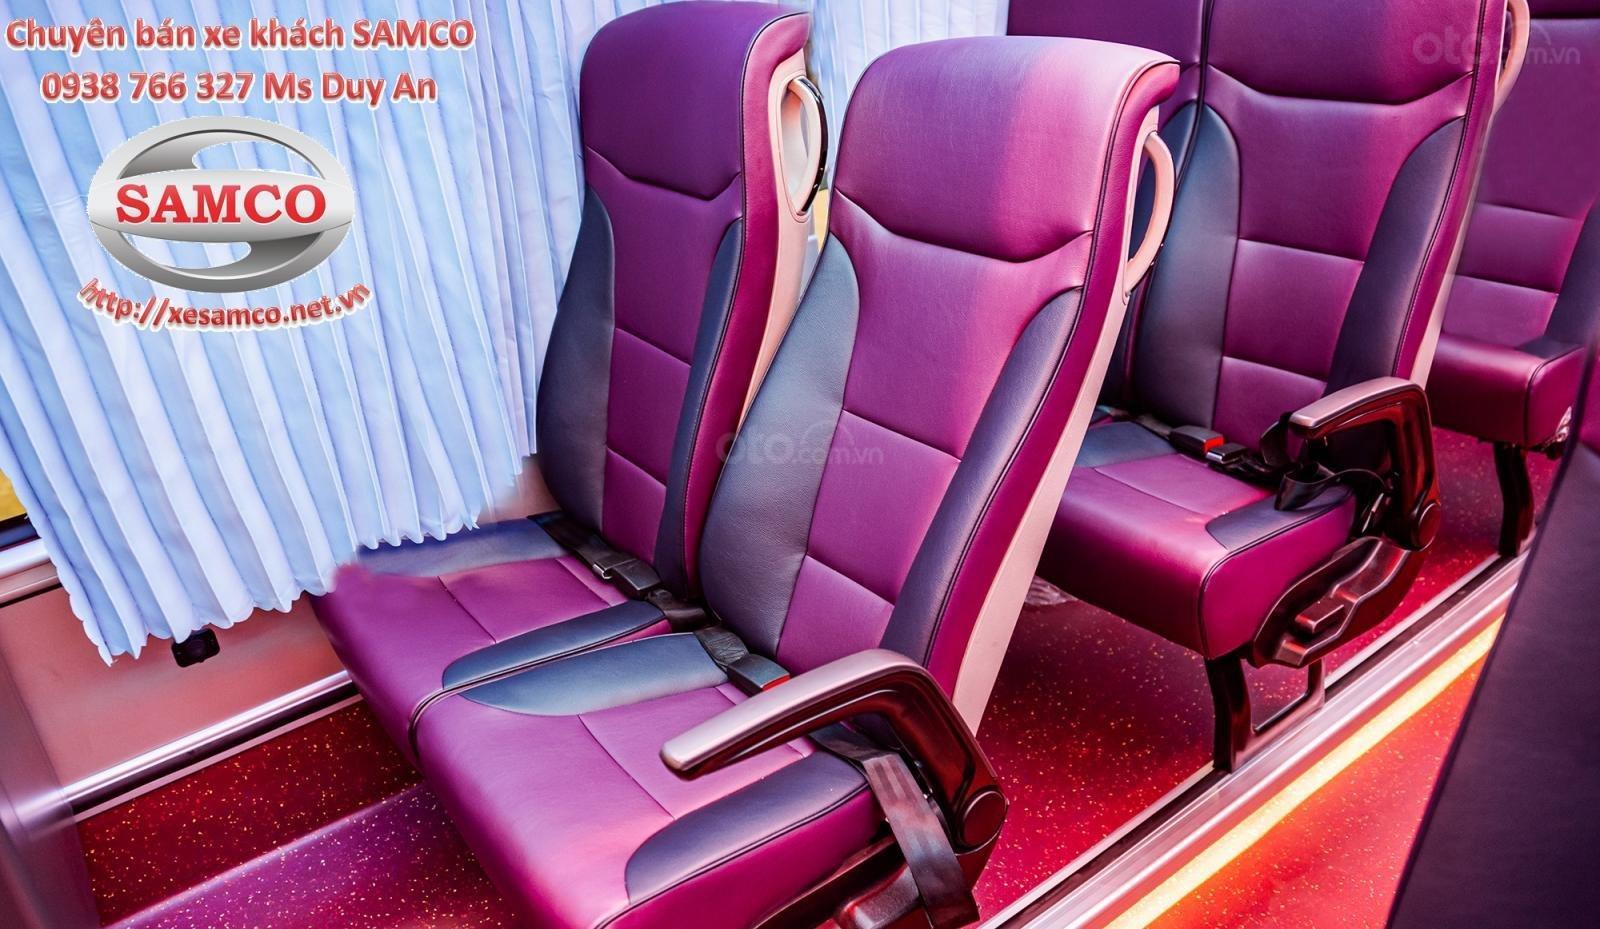 Bán xe khách Samco 29 chỗ ngồi động cơ Isuzu 5.2cc - Samco Growin - 06 bầu hơi máy sau (9)